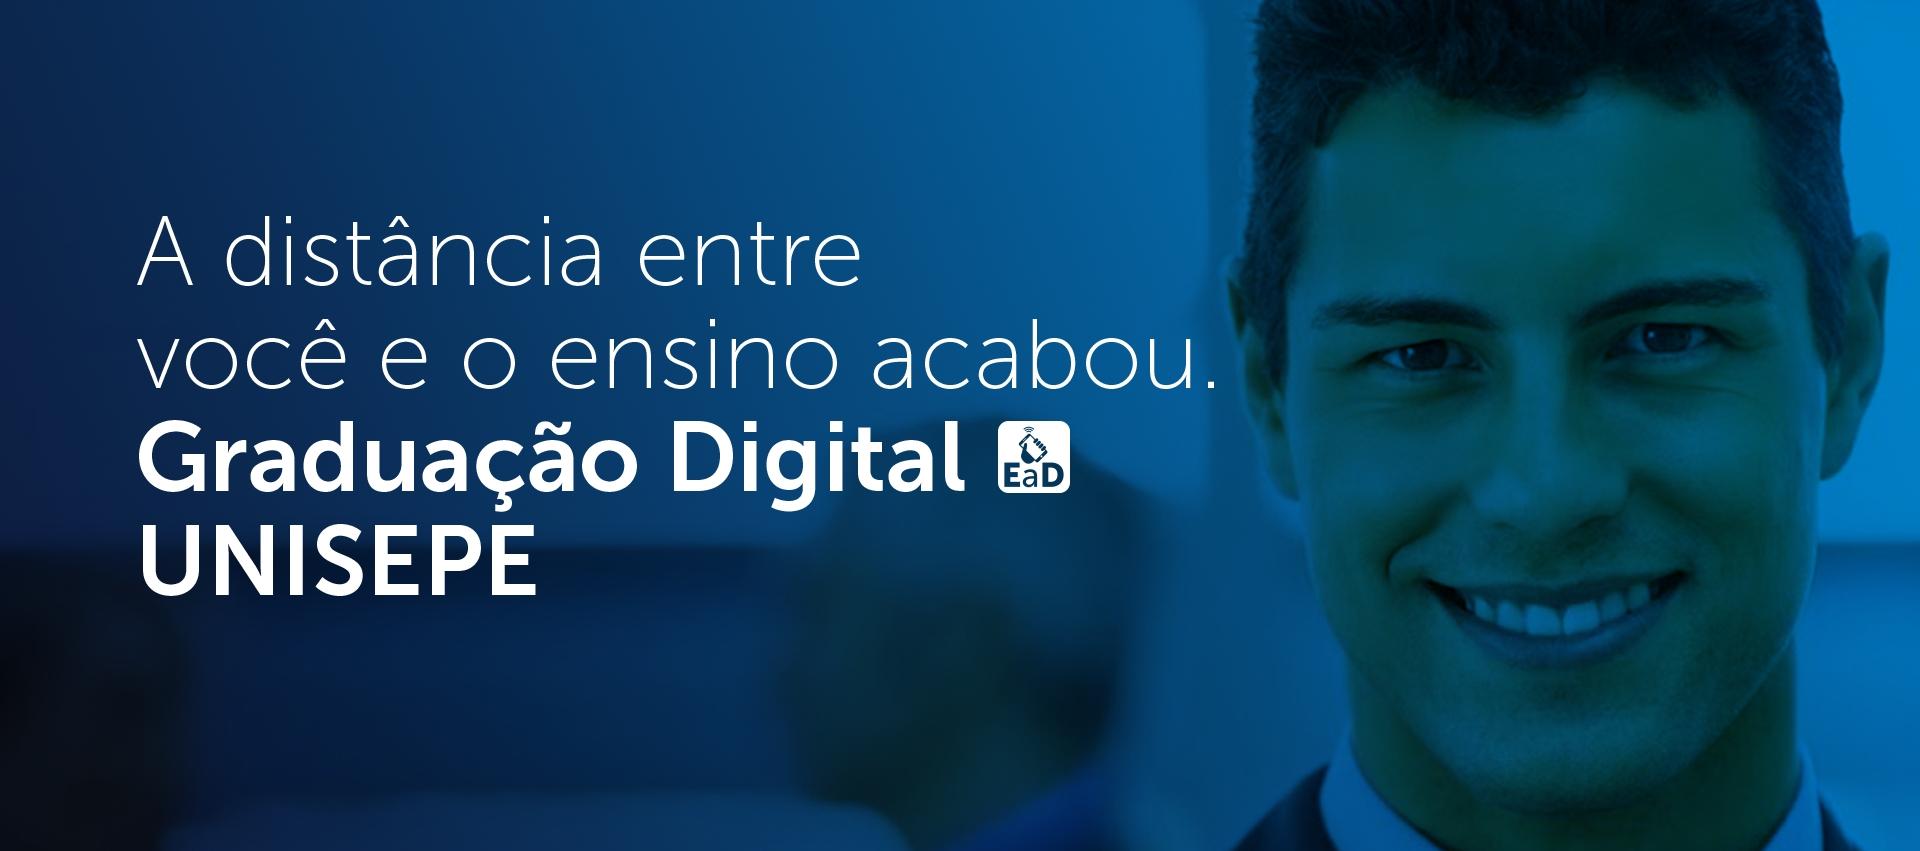 A distância entre você e o ensino acabou - Graduação digital | UNISEPE